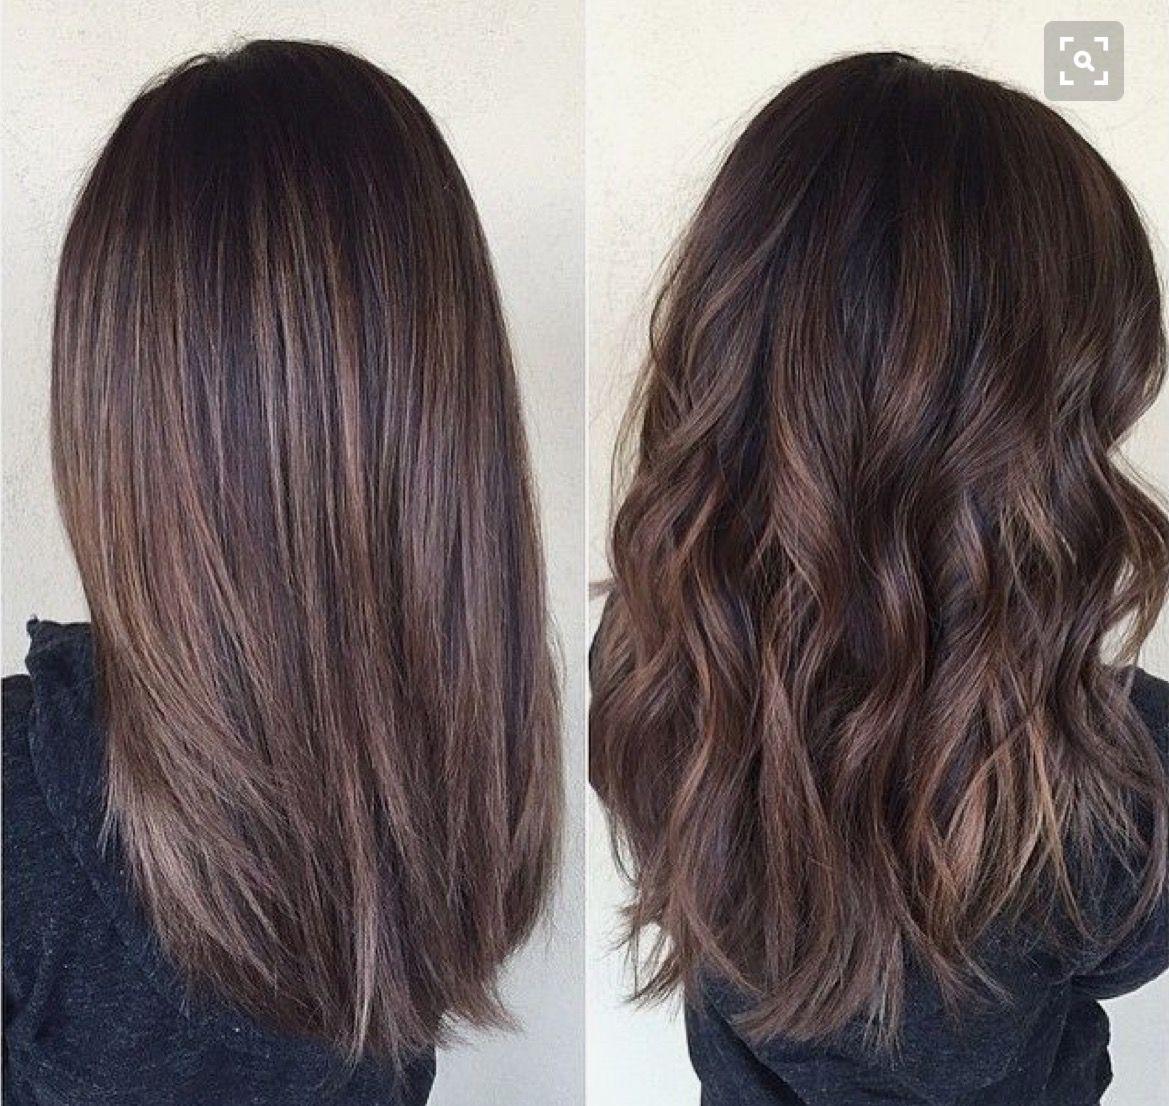 Ombre Hair, Long Hair, Brunette Hair, New Hair, Straight Hair, Hair Colors,  Hairstyle Ideas, Ombre Hair Color, Hair And Beauty